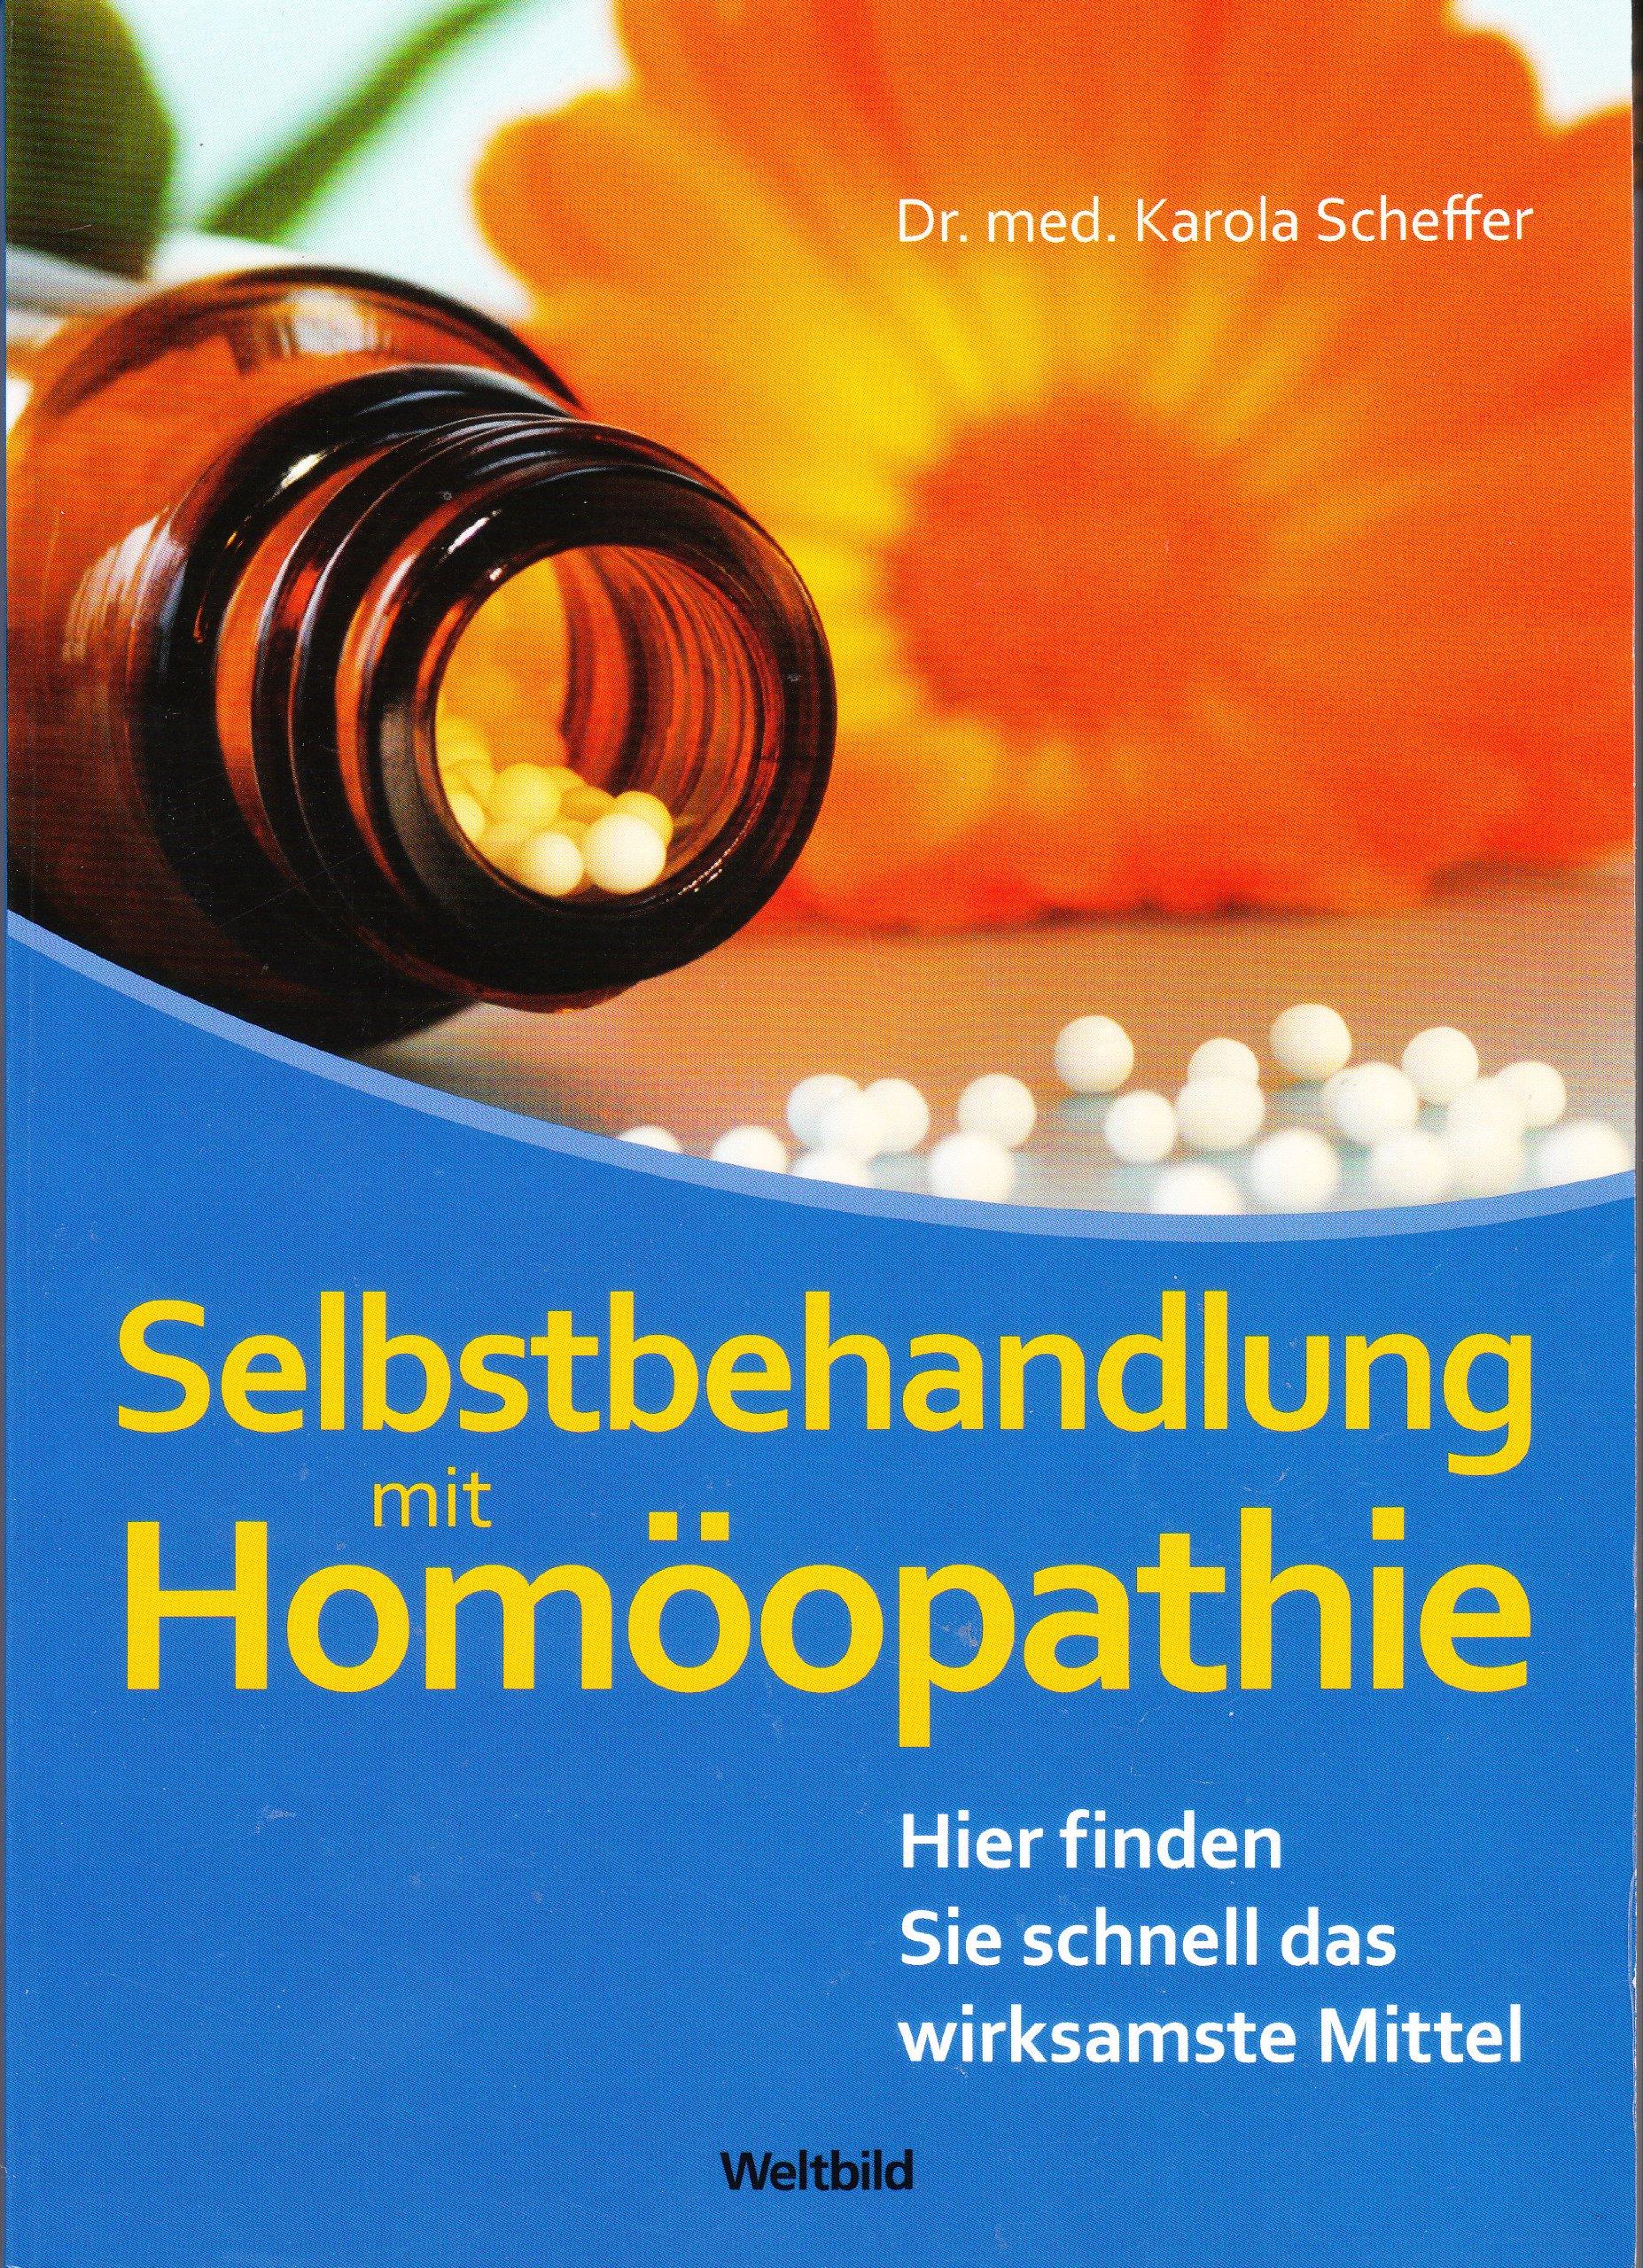 Selbstbehandlung mit Homöopathie